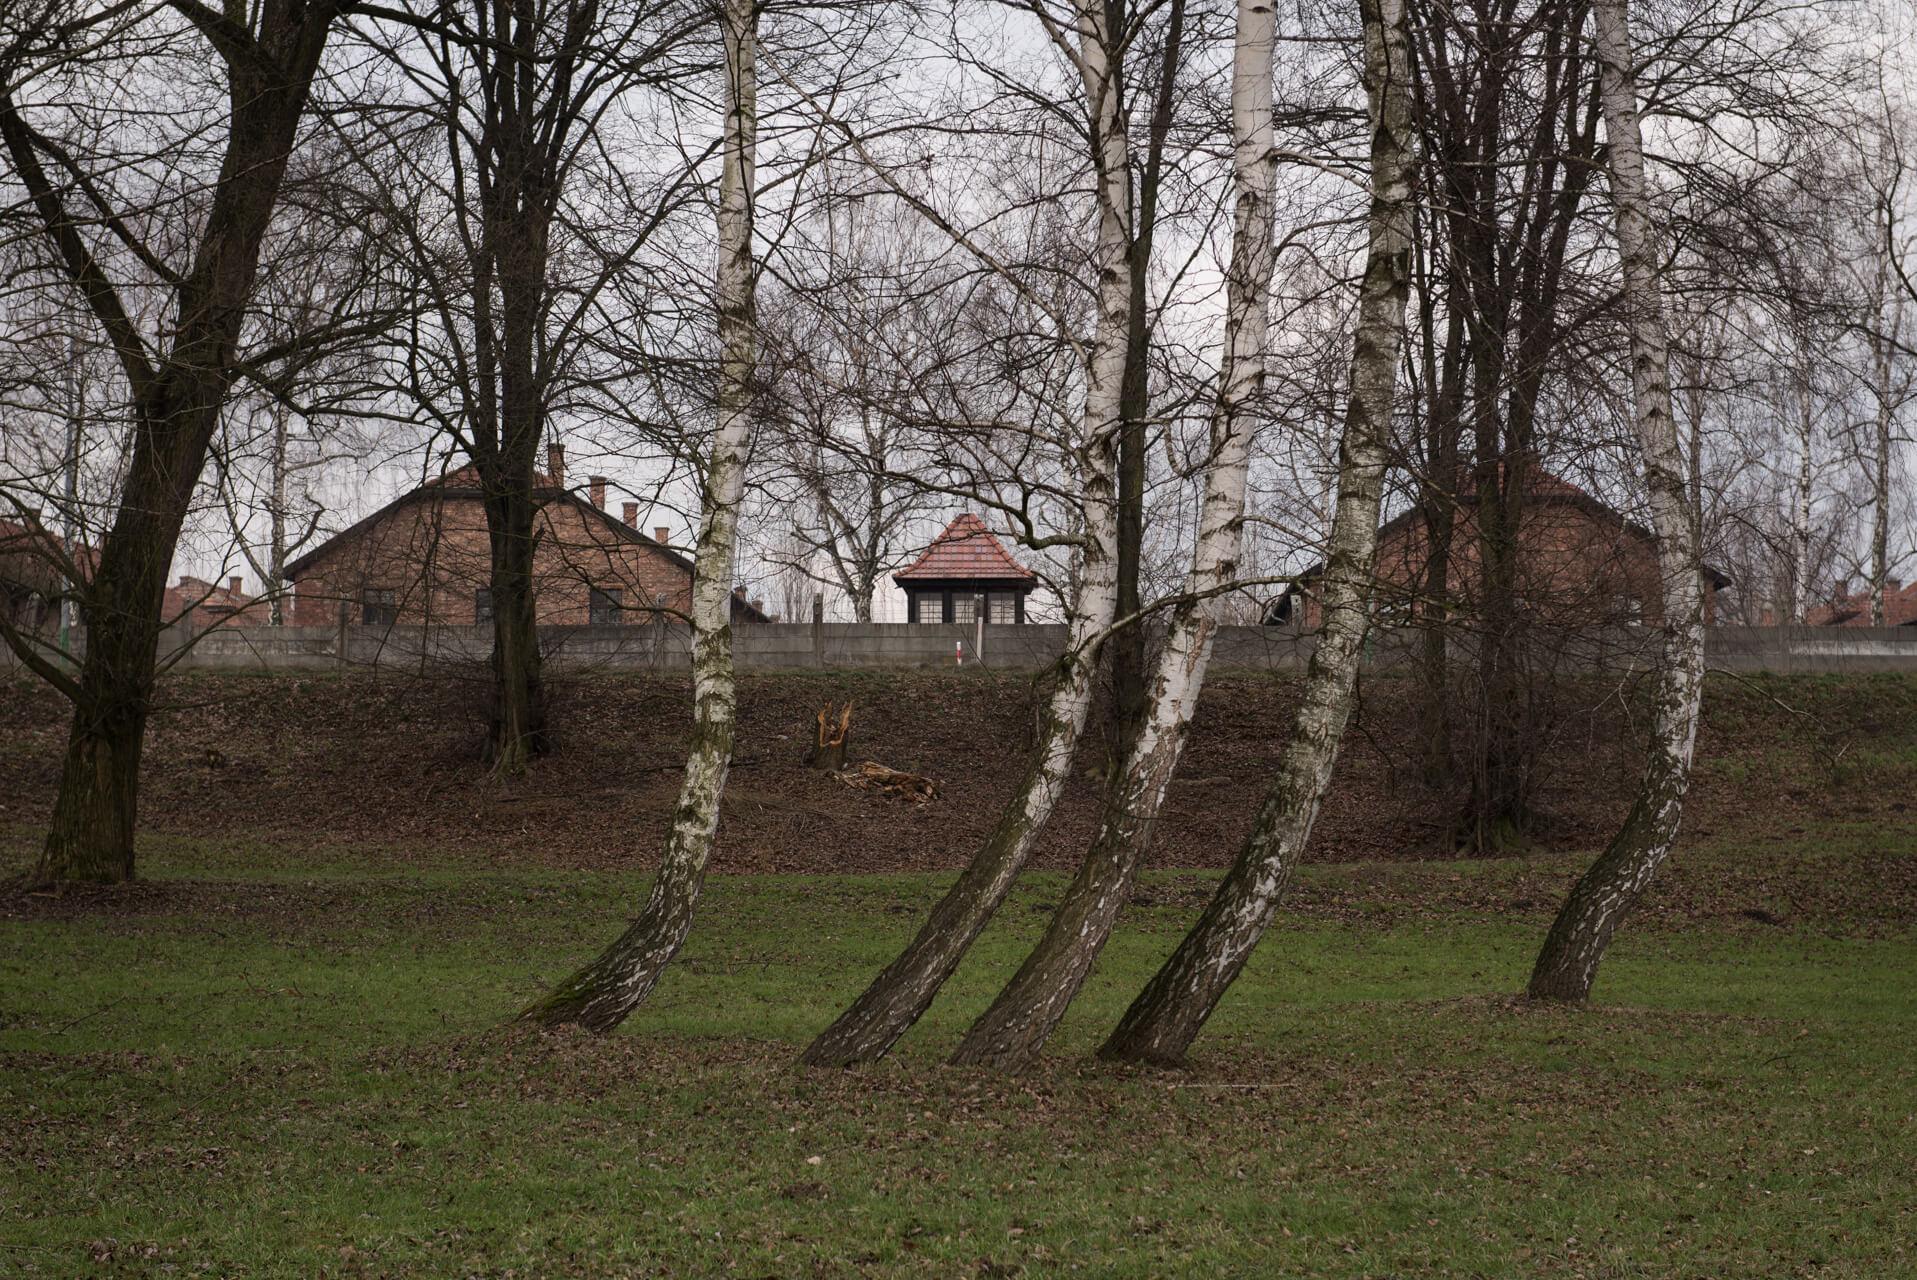 Konzentrationslager Auschwitz - Stammlager - Gedenkstätte; Fotograf Steffen Lohse